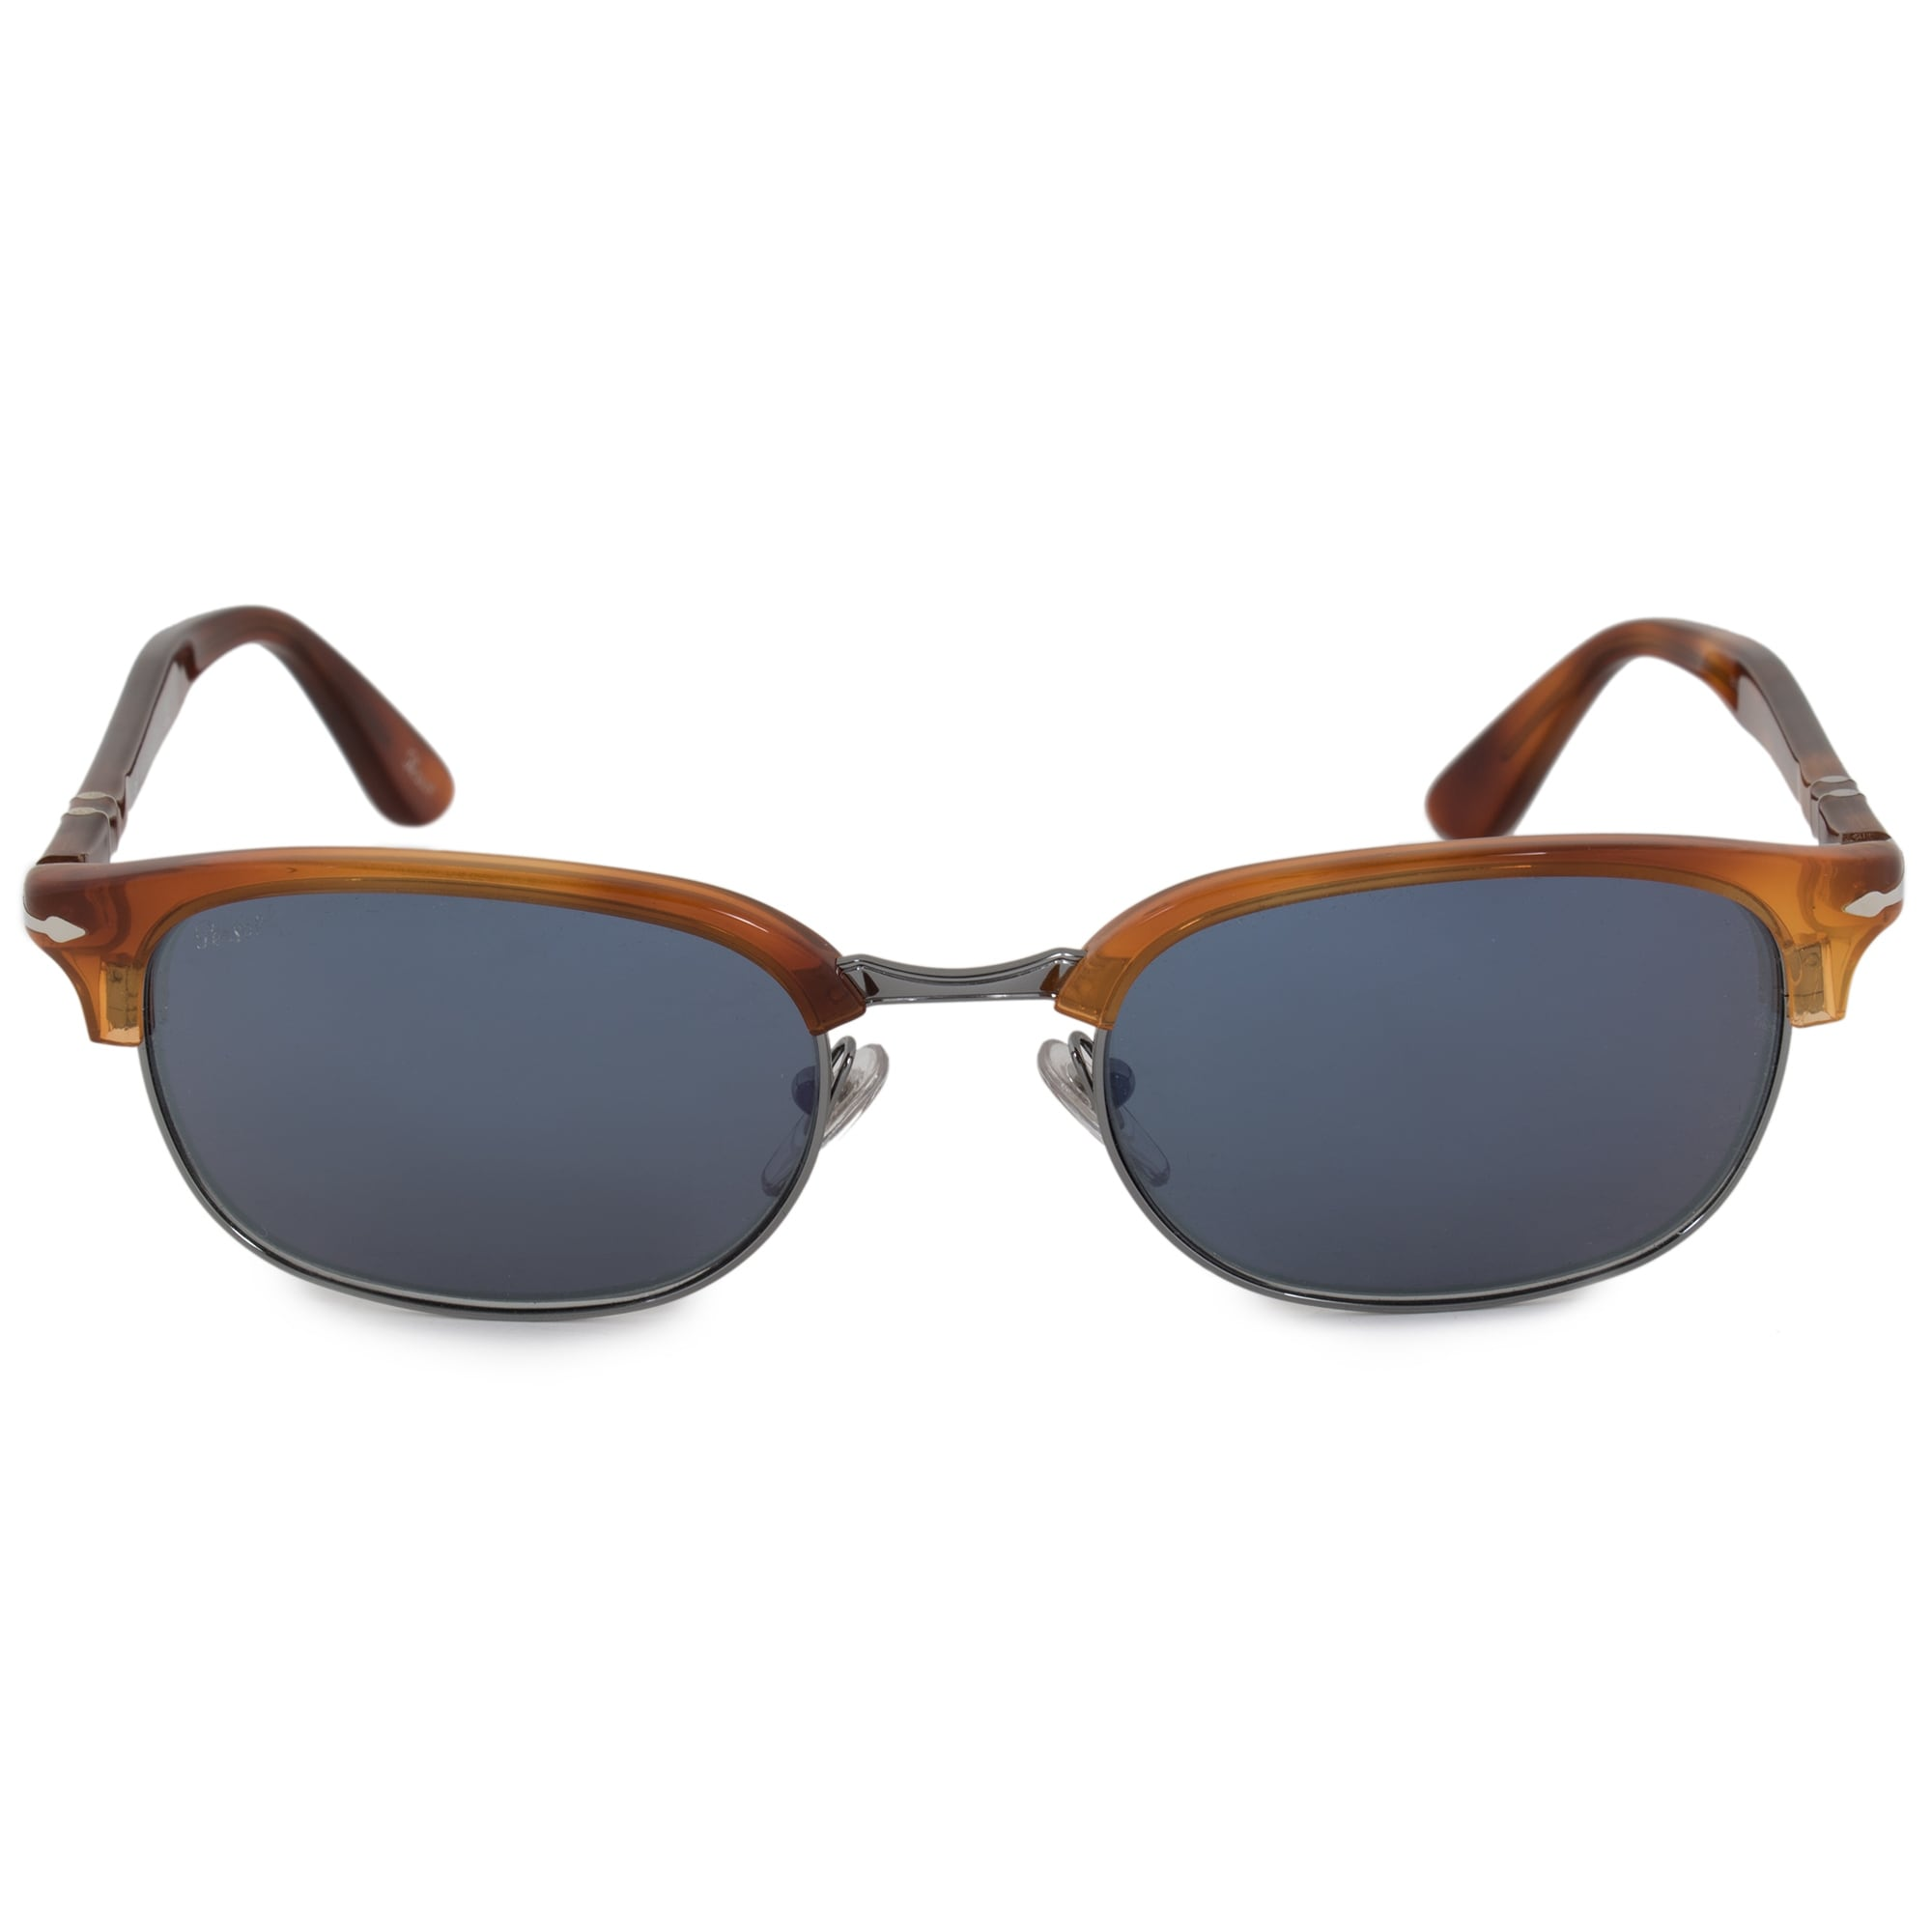 7f22dfbc15 Shop Persol Rectangle Sunglasses PO8139S 96 56 52